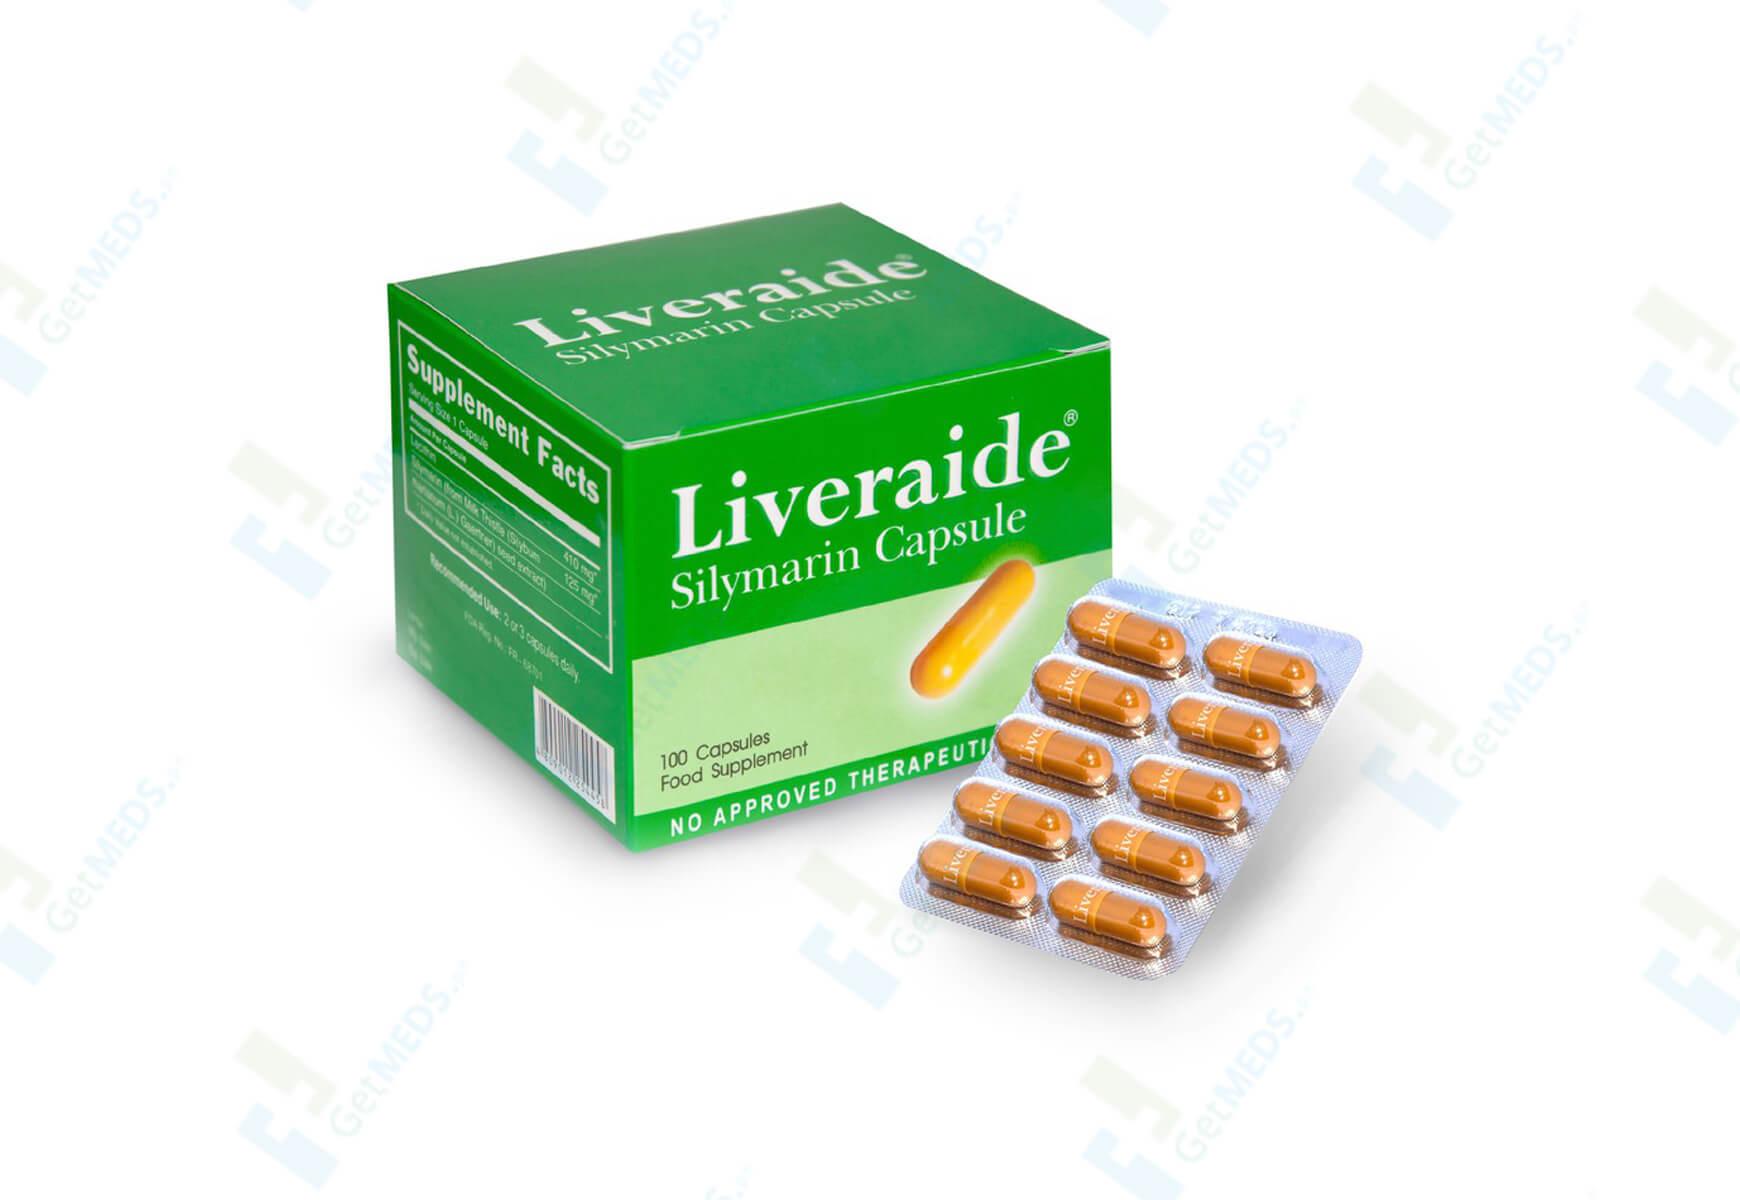 Liveraide